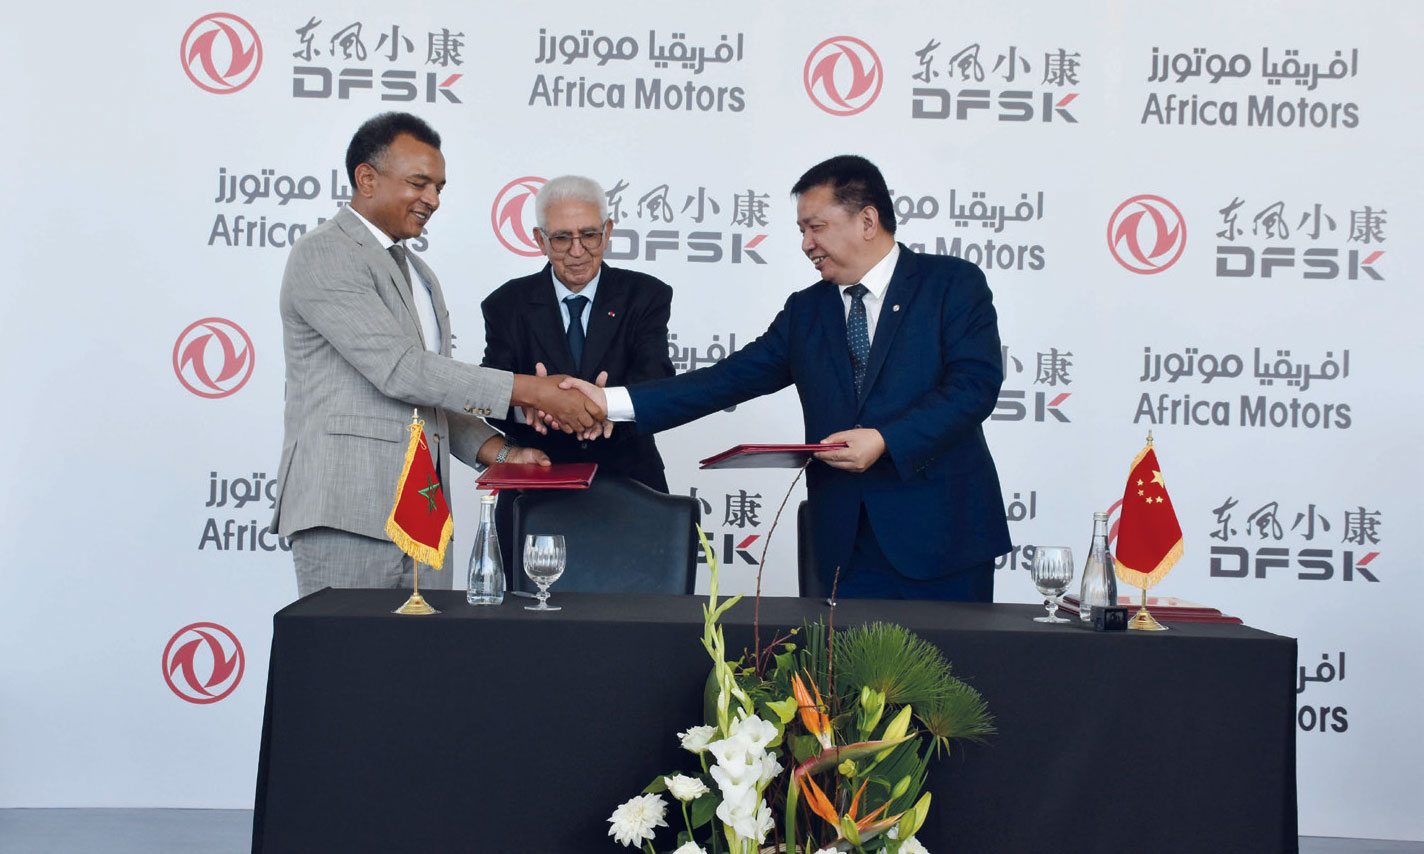 Le chinois DFSK et Auto Hall sur un projet de ligne de montage au Maroc